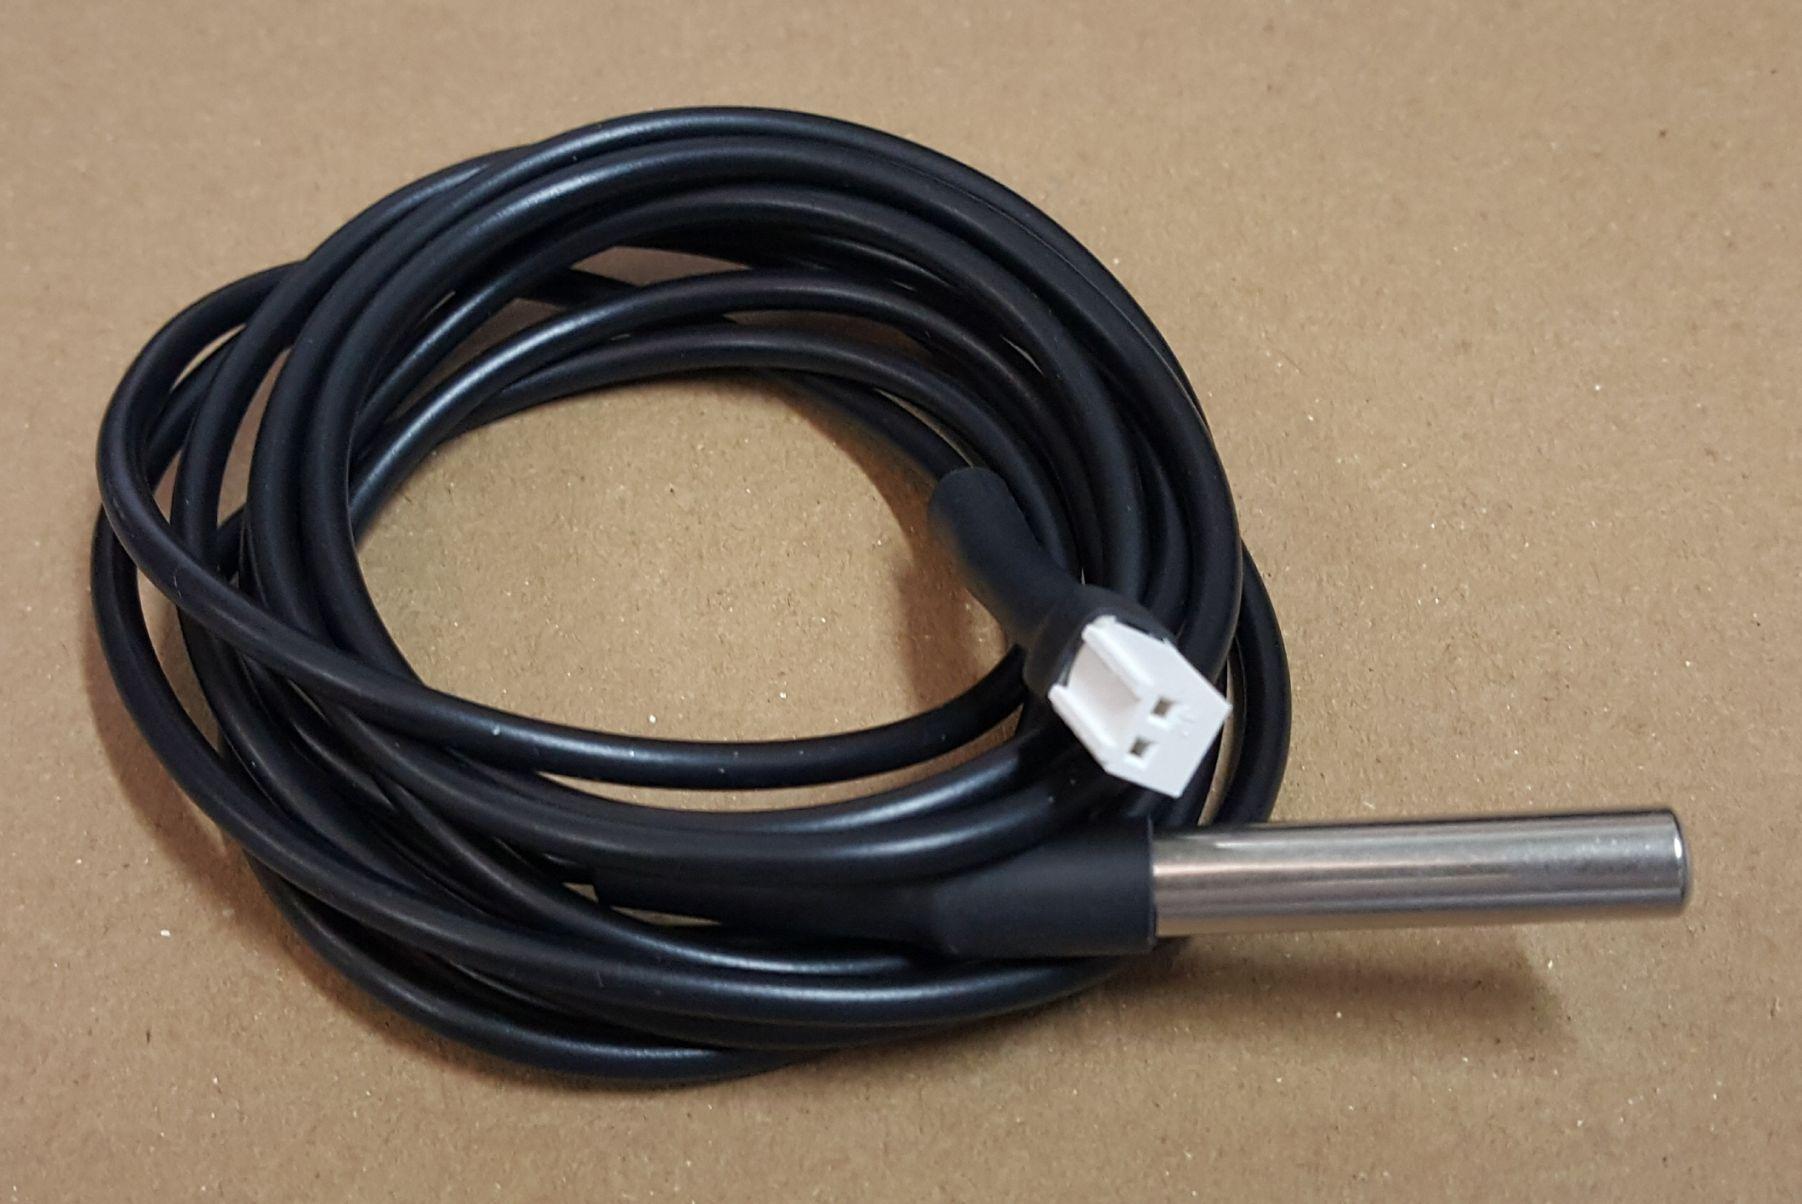 Sensor de Temperatura Preto Metalfrio com 1900 mm - Cod.: 020104S005